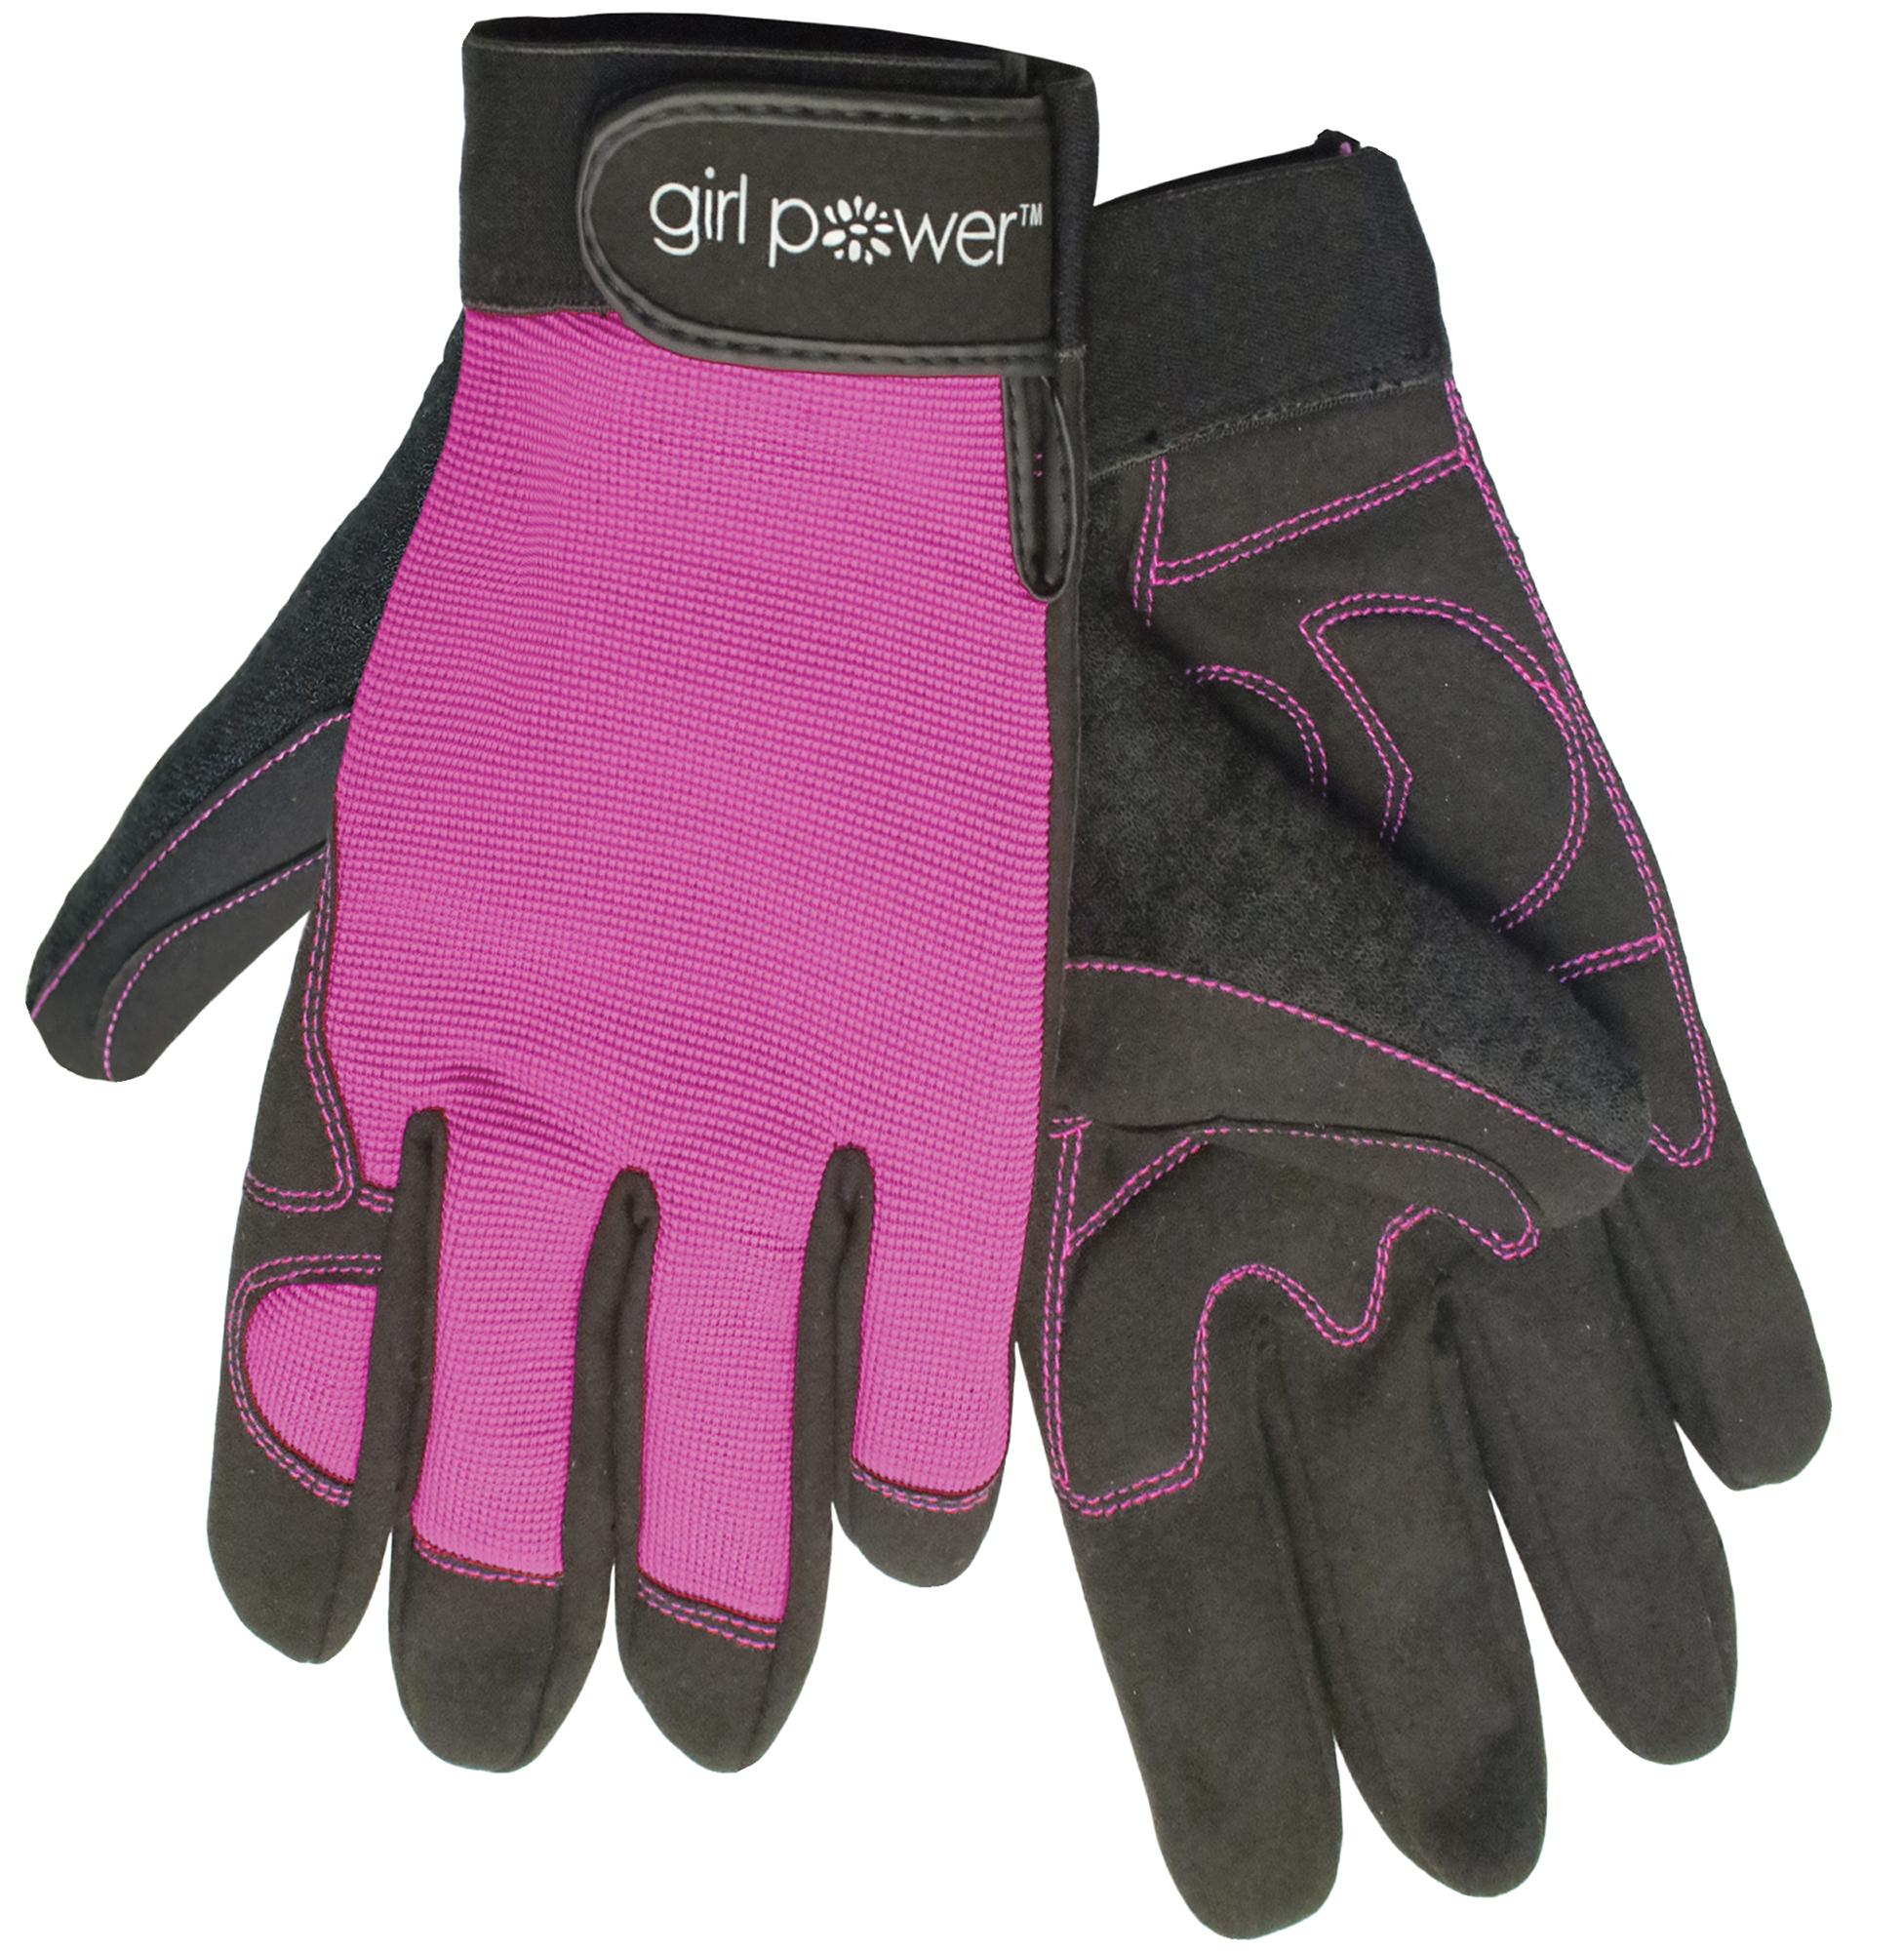 ERB Safety 28859 Gloves MGP100- Girl Power at WorkTM Pink Large 1 Pair